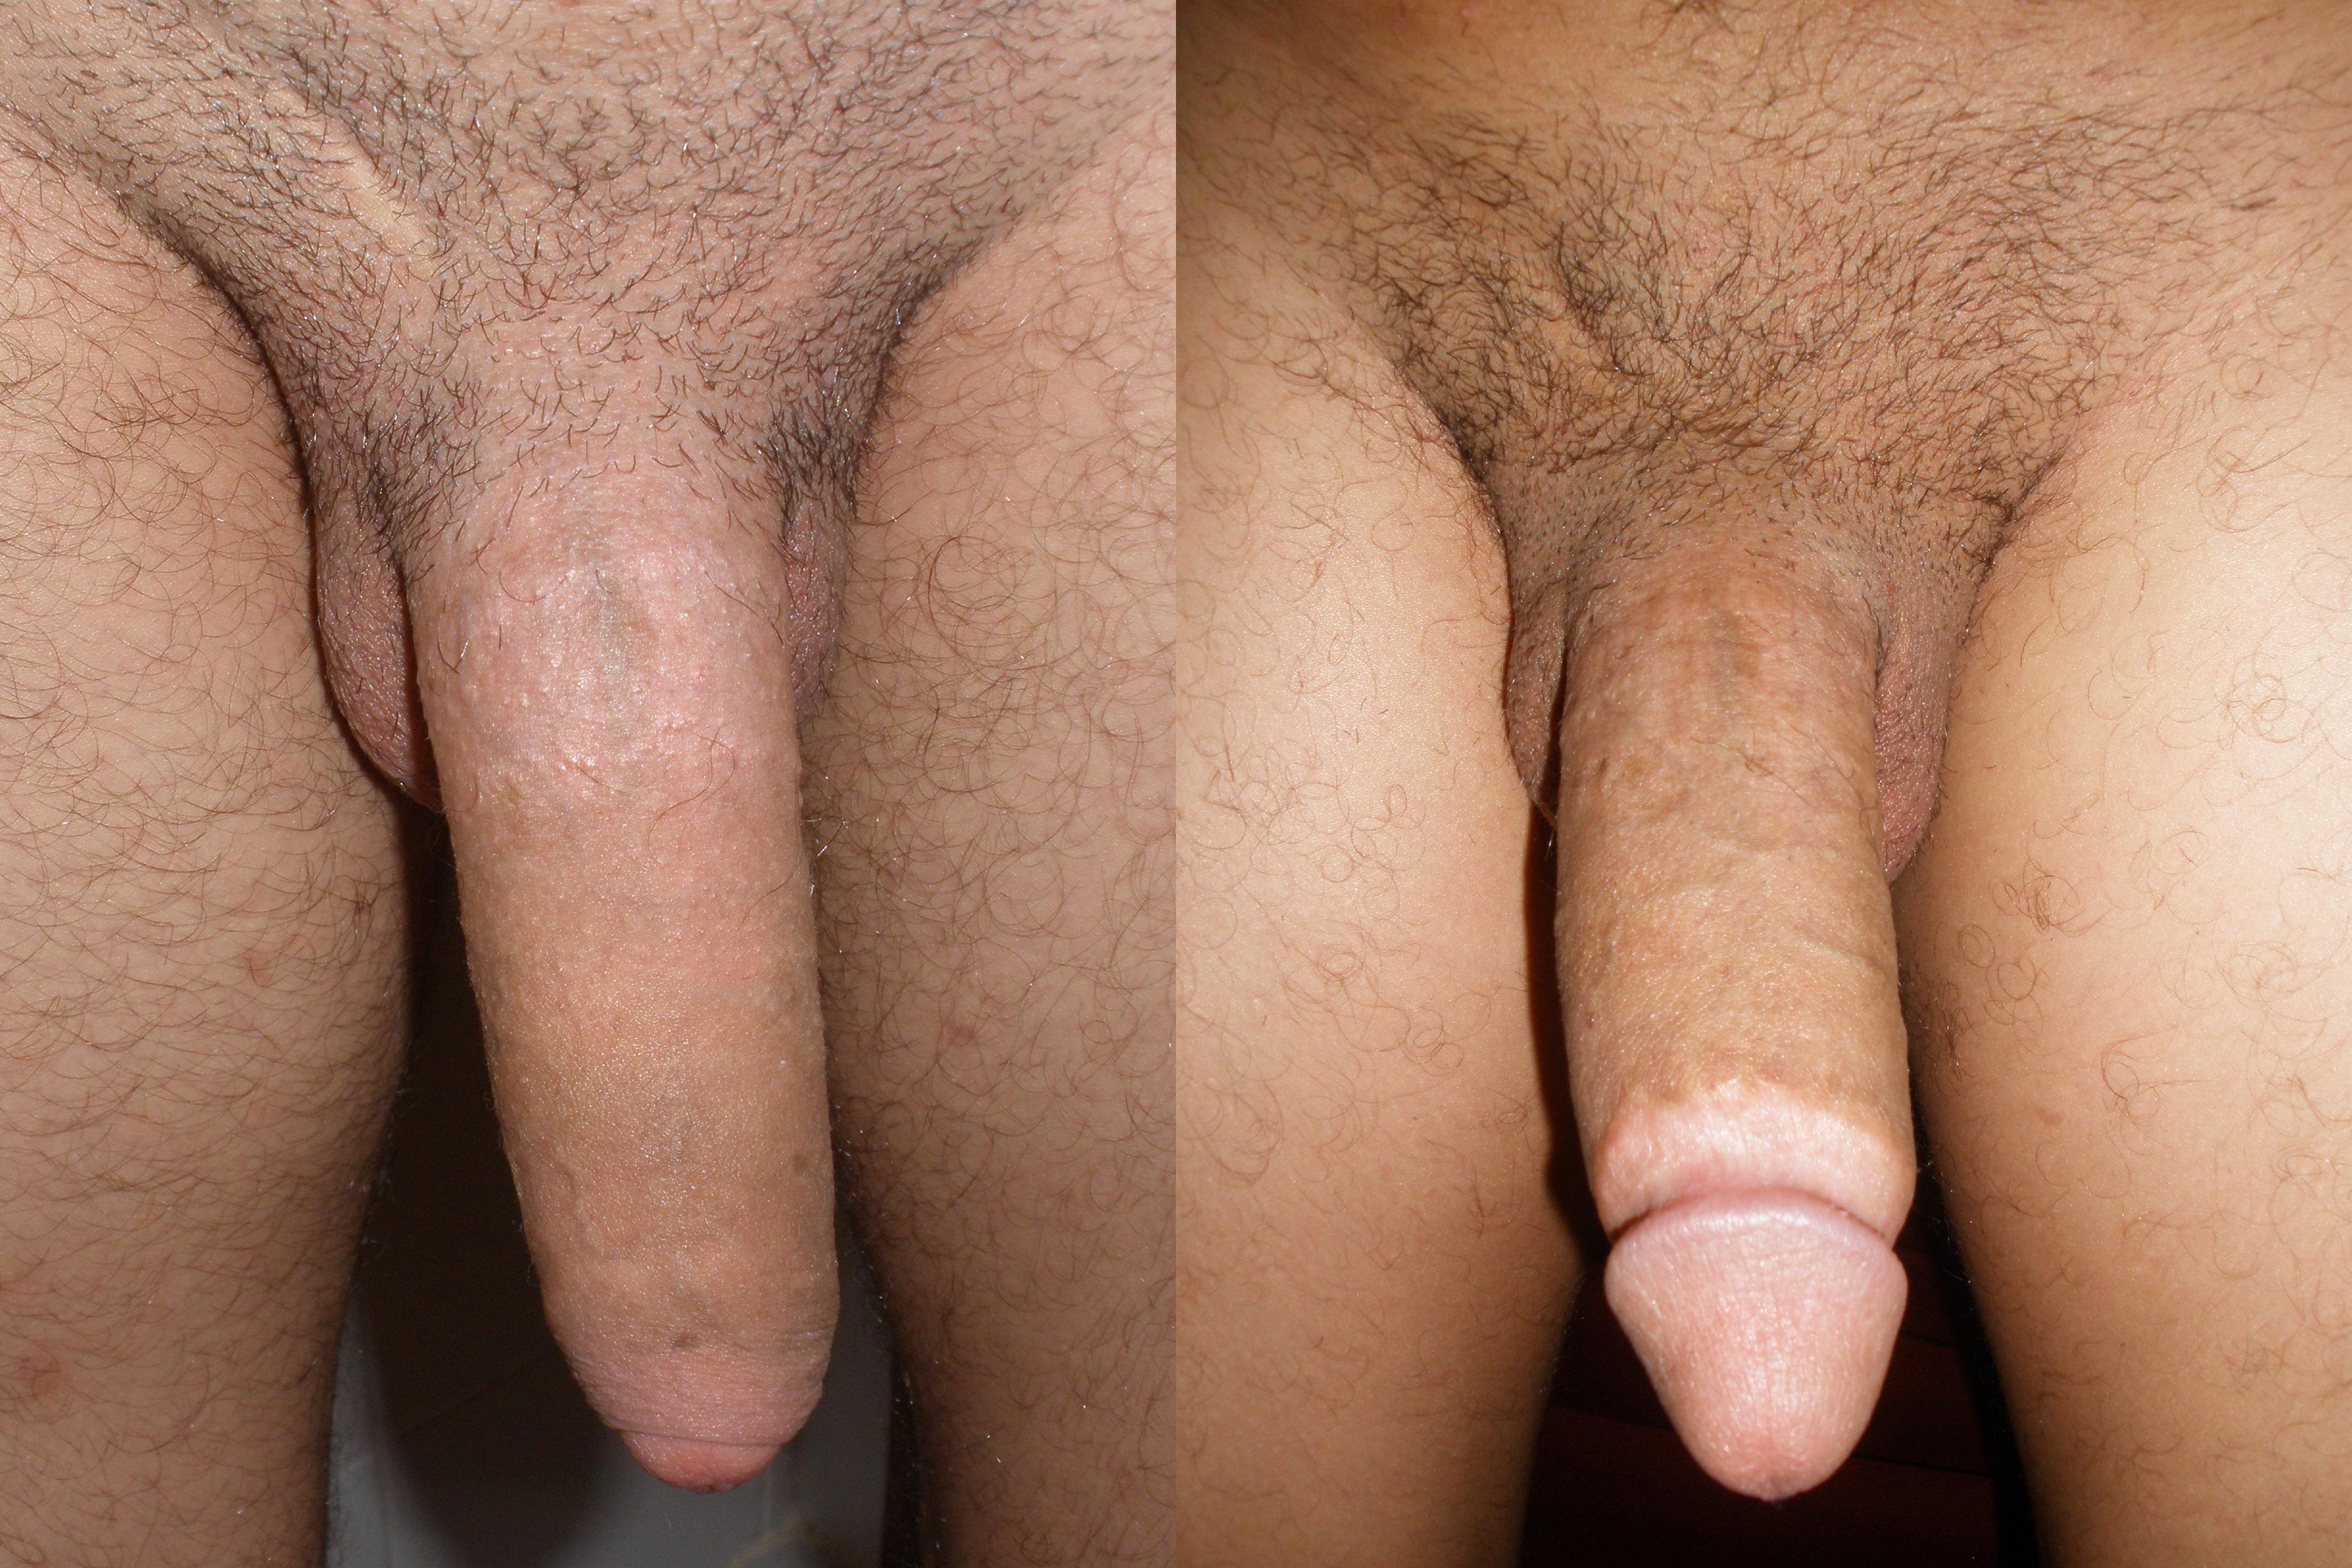 Cirumcised cocks photos commit error